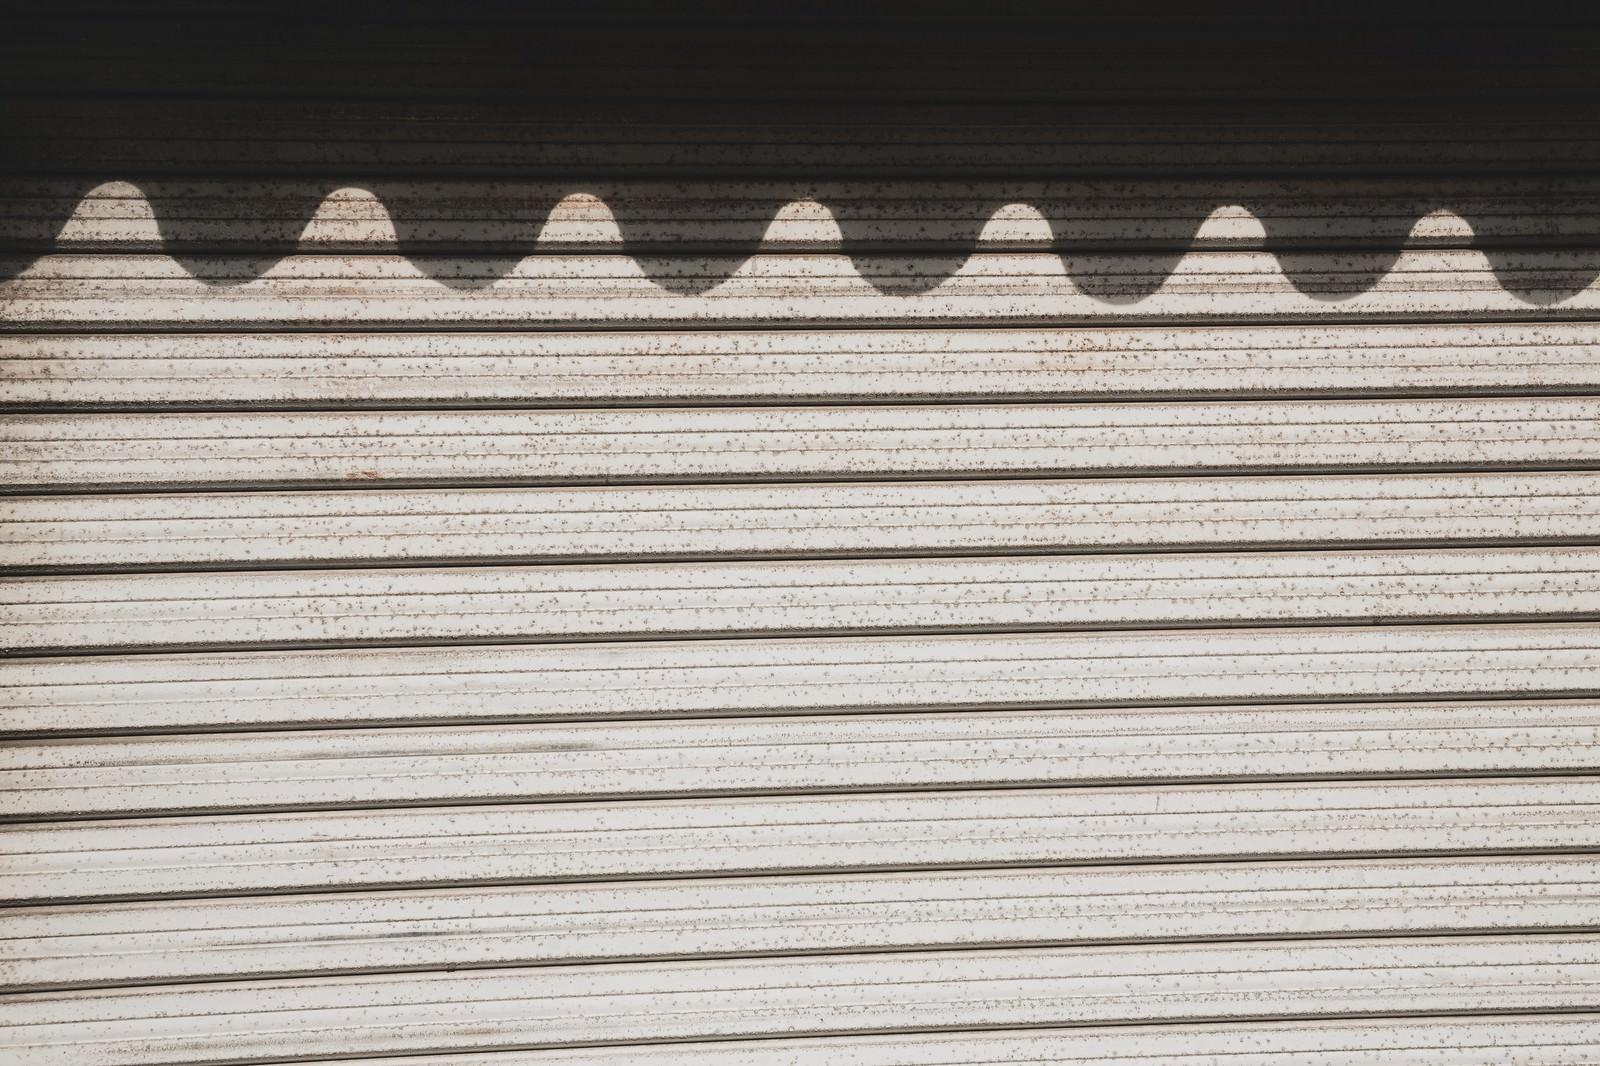 「波の影ができたシャッター波の影ができたシャッター」のフリー写真素材を拡大